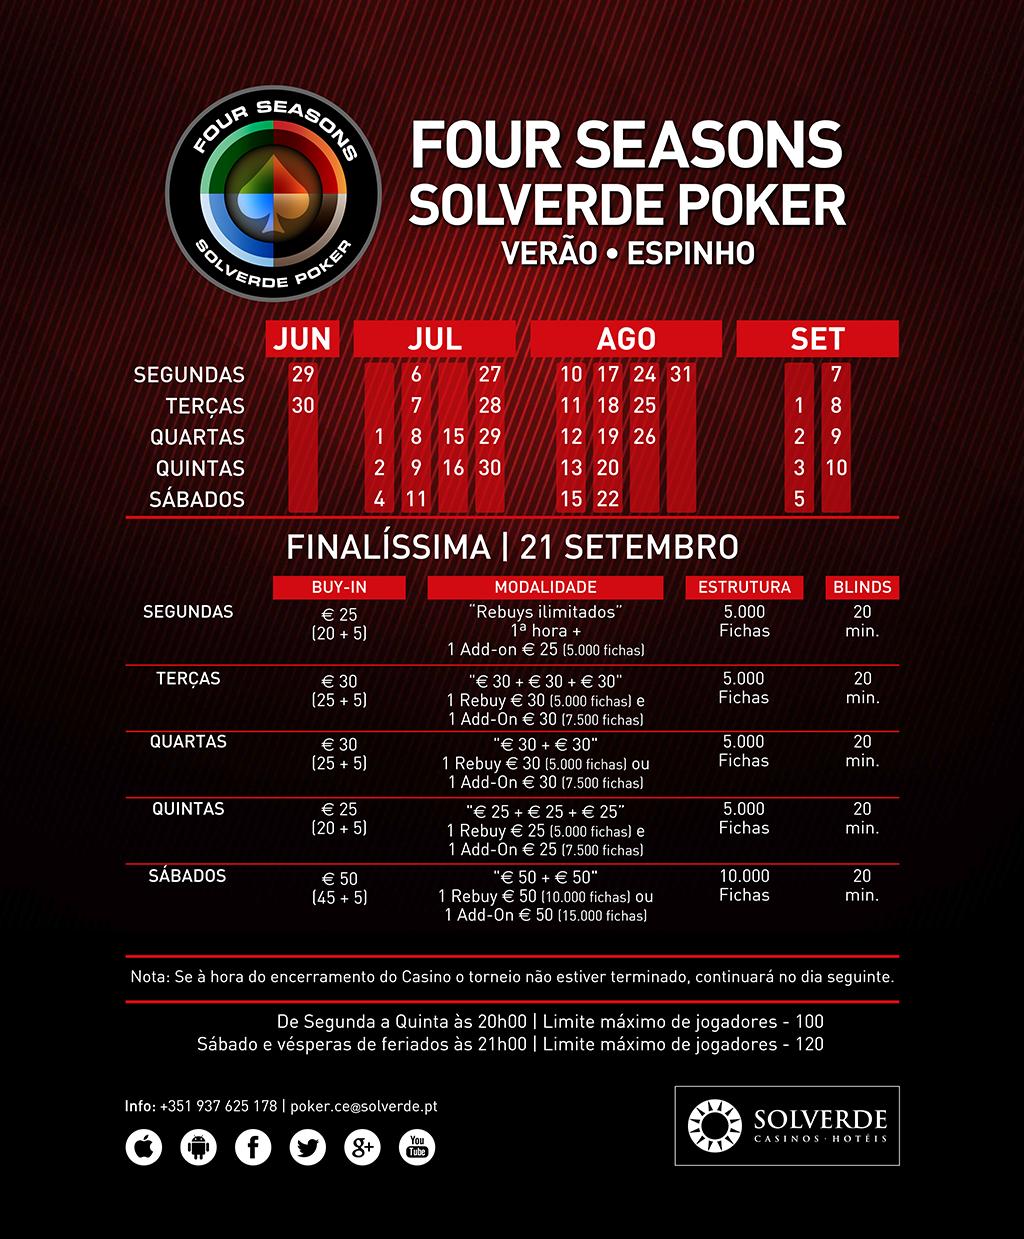 Amanhã às 21:00 Four Seasons Solverde Poker Verão no Casino de Espinho 101